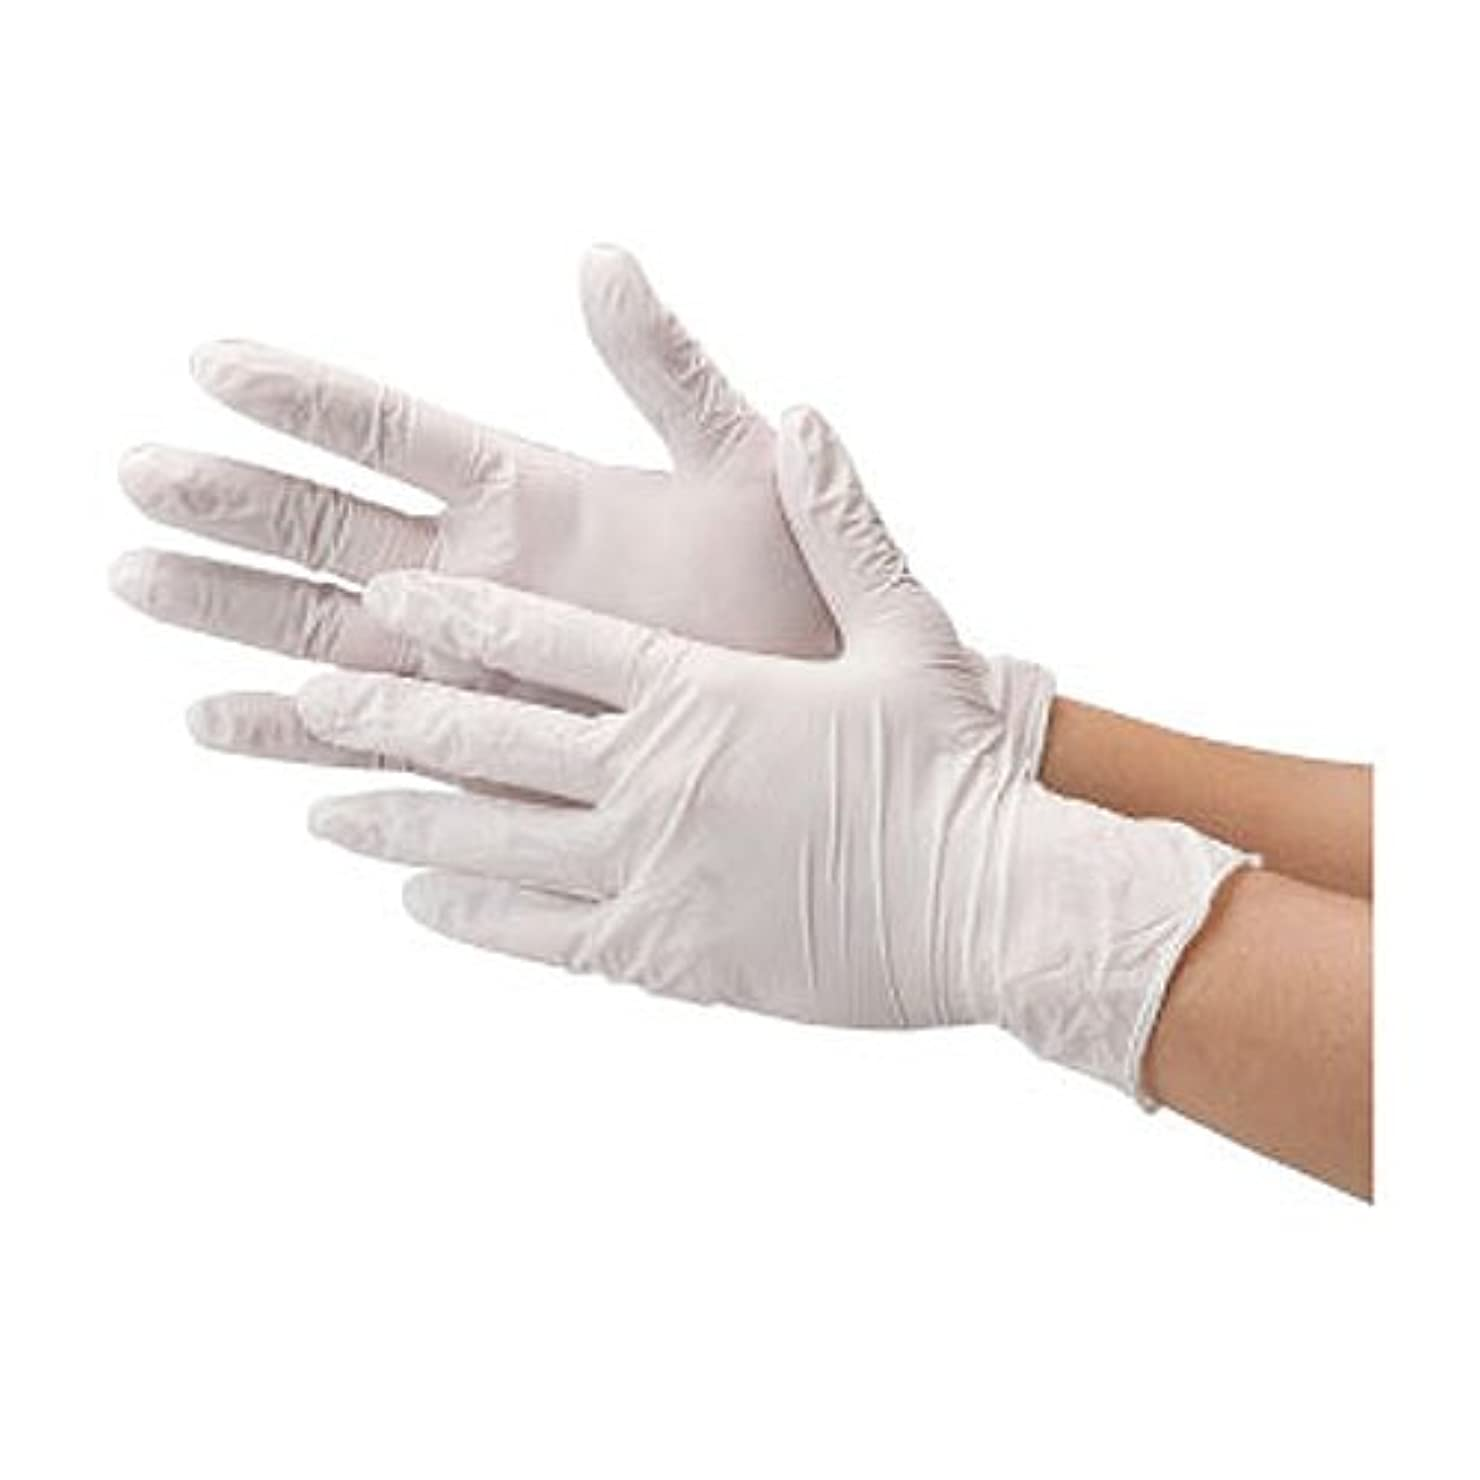 証拠非行欠乏川西工業 ニトリル 使いきり手袋 ストロング 粉無 100枚入り 2037 ホワイトS